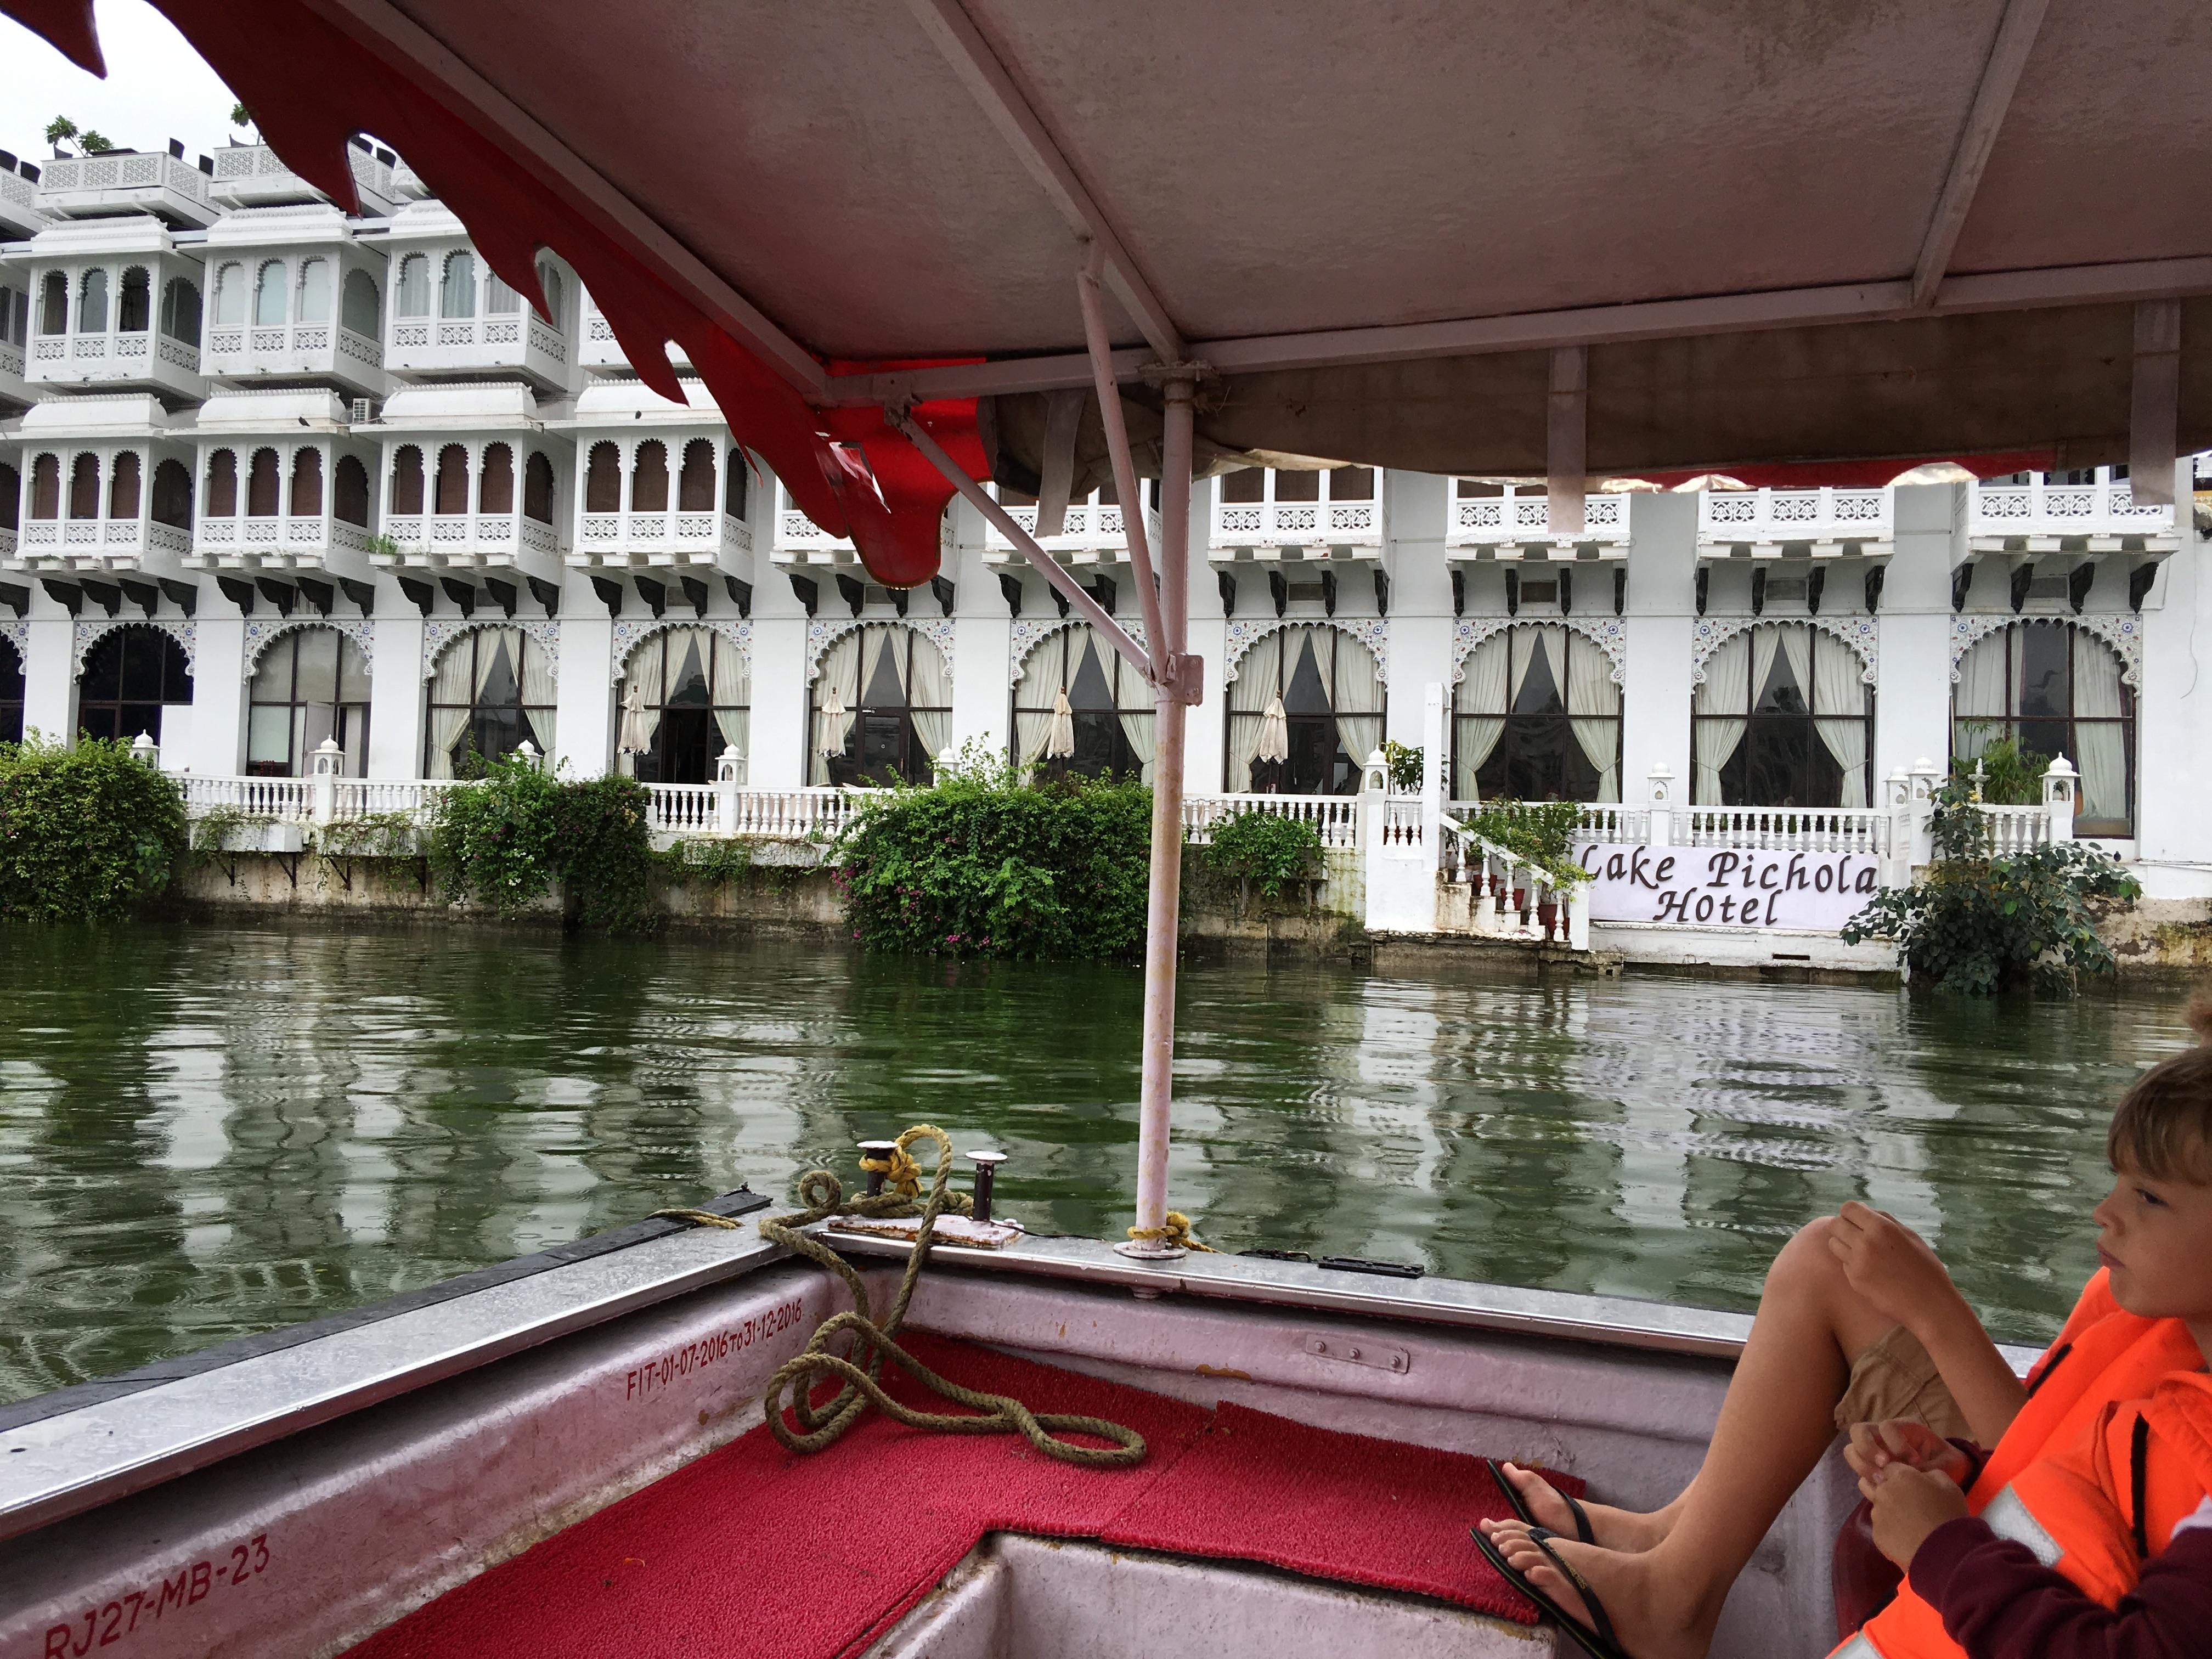 ...Venedig?